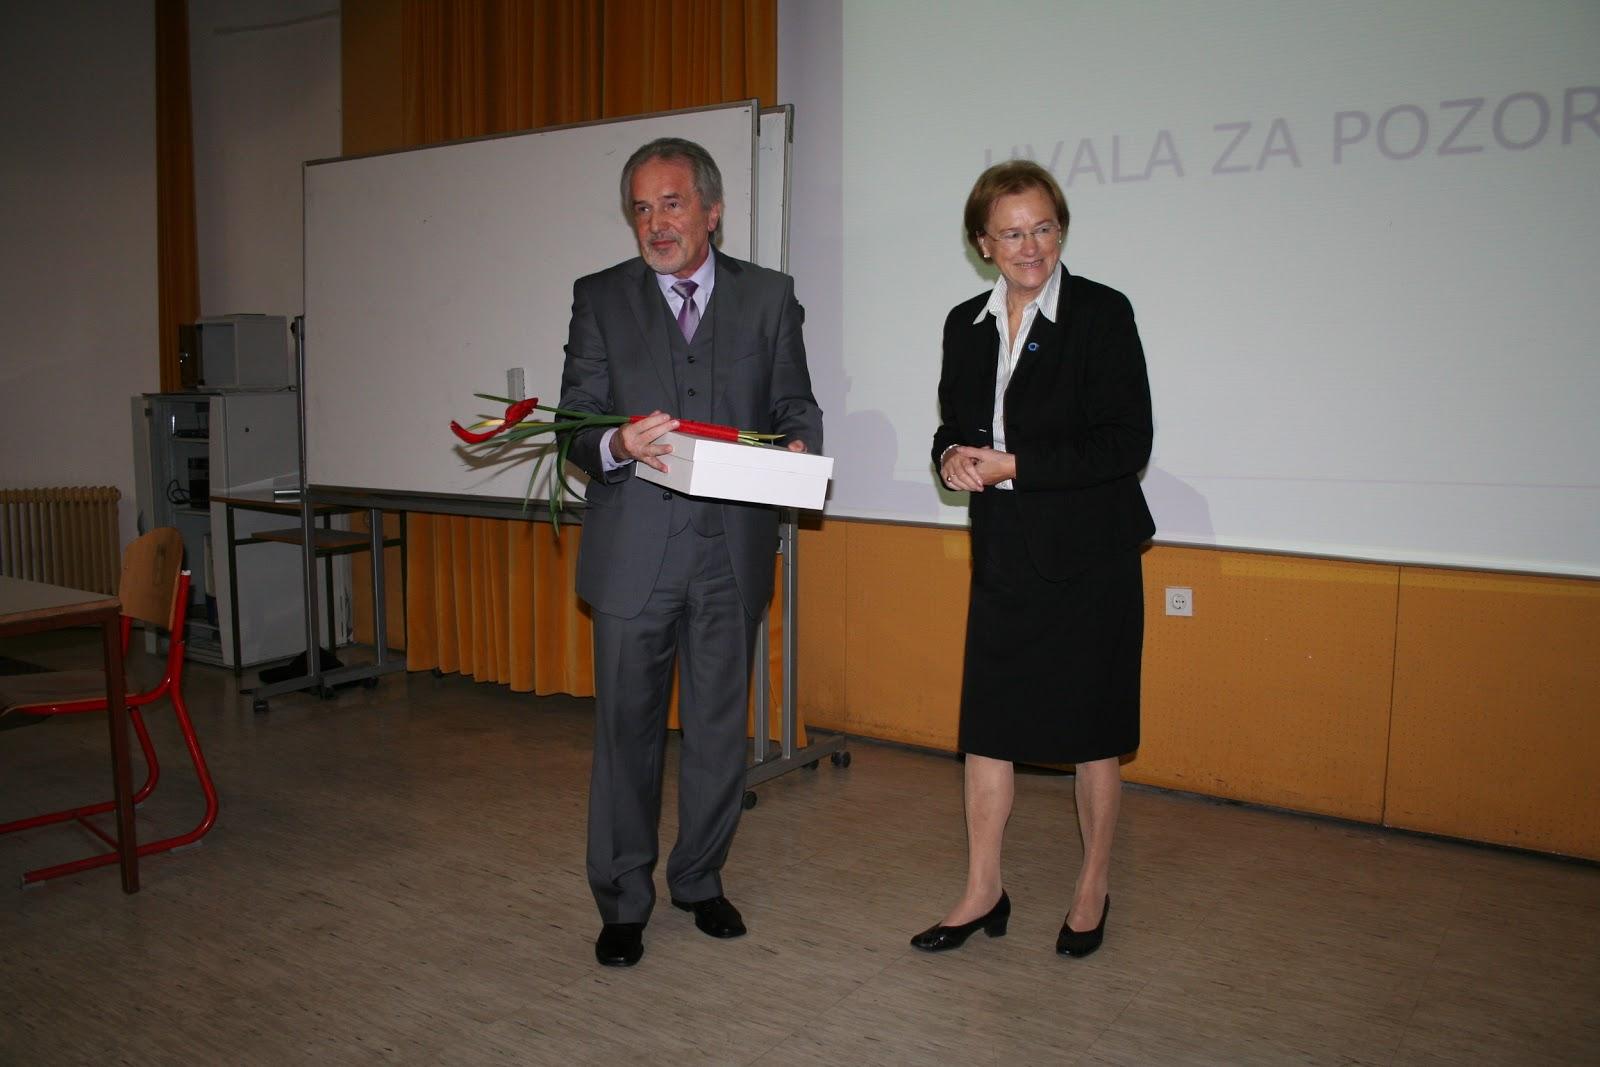 Predavanje - dr. Tomaž Camlek - oktober 2012 - IMG_6968.JPG